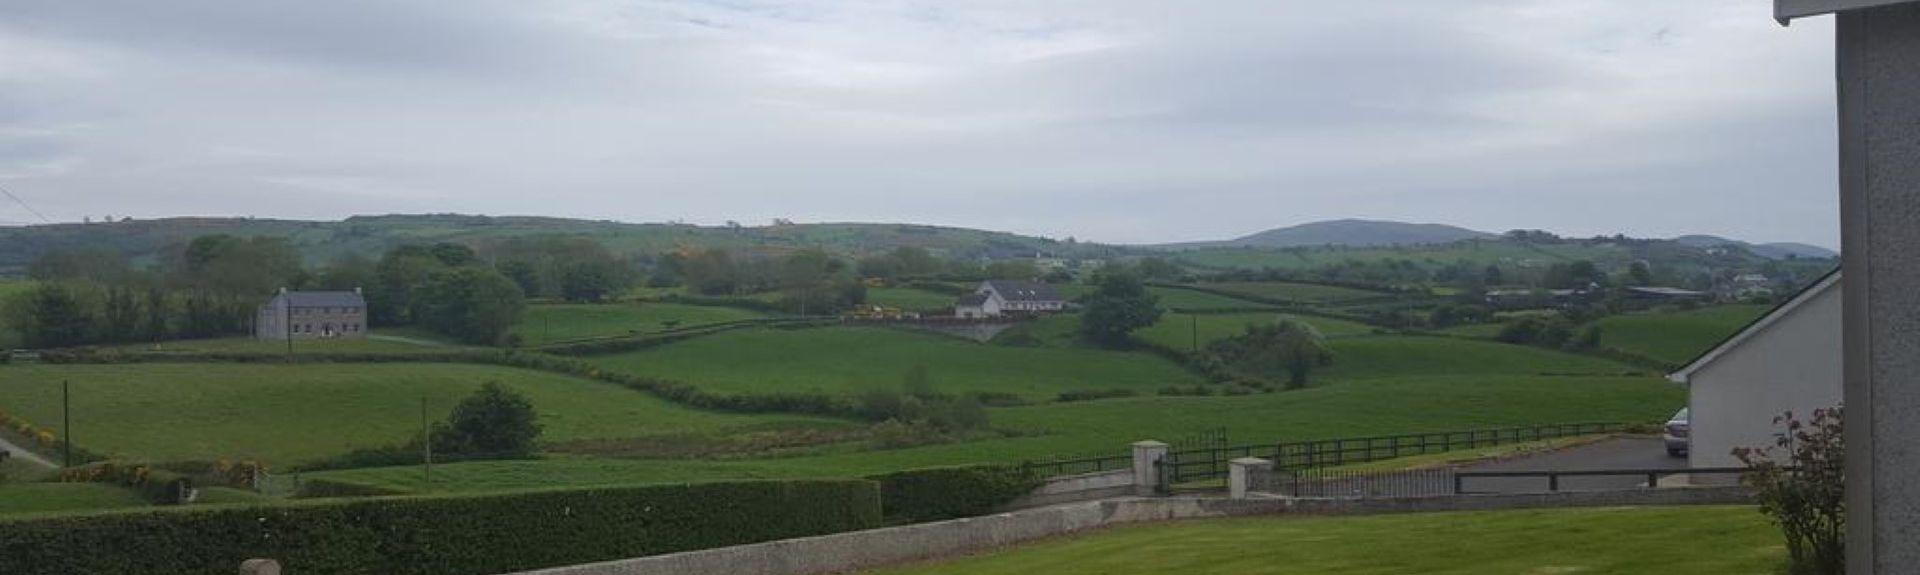 County Armagh, Irlandia Północna, Wielka Brytania